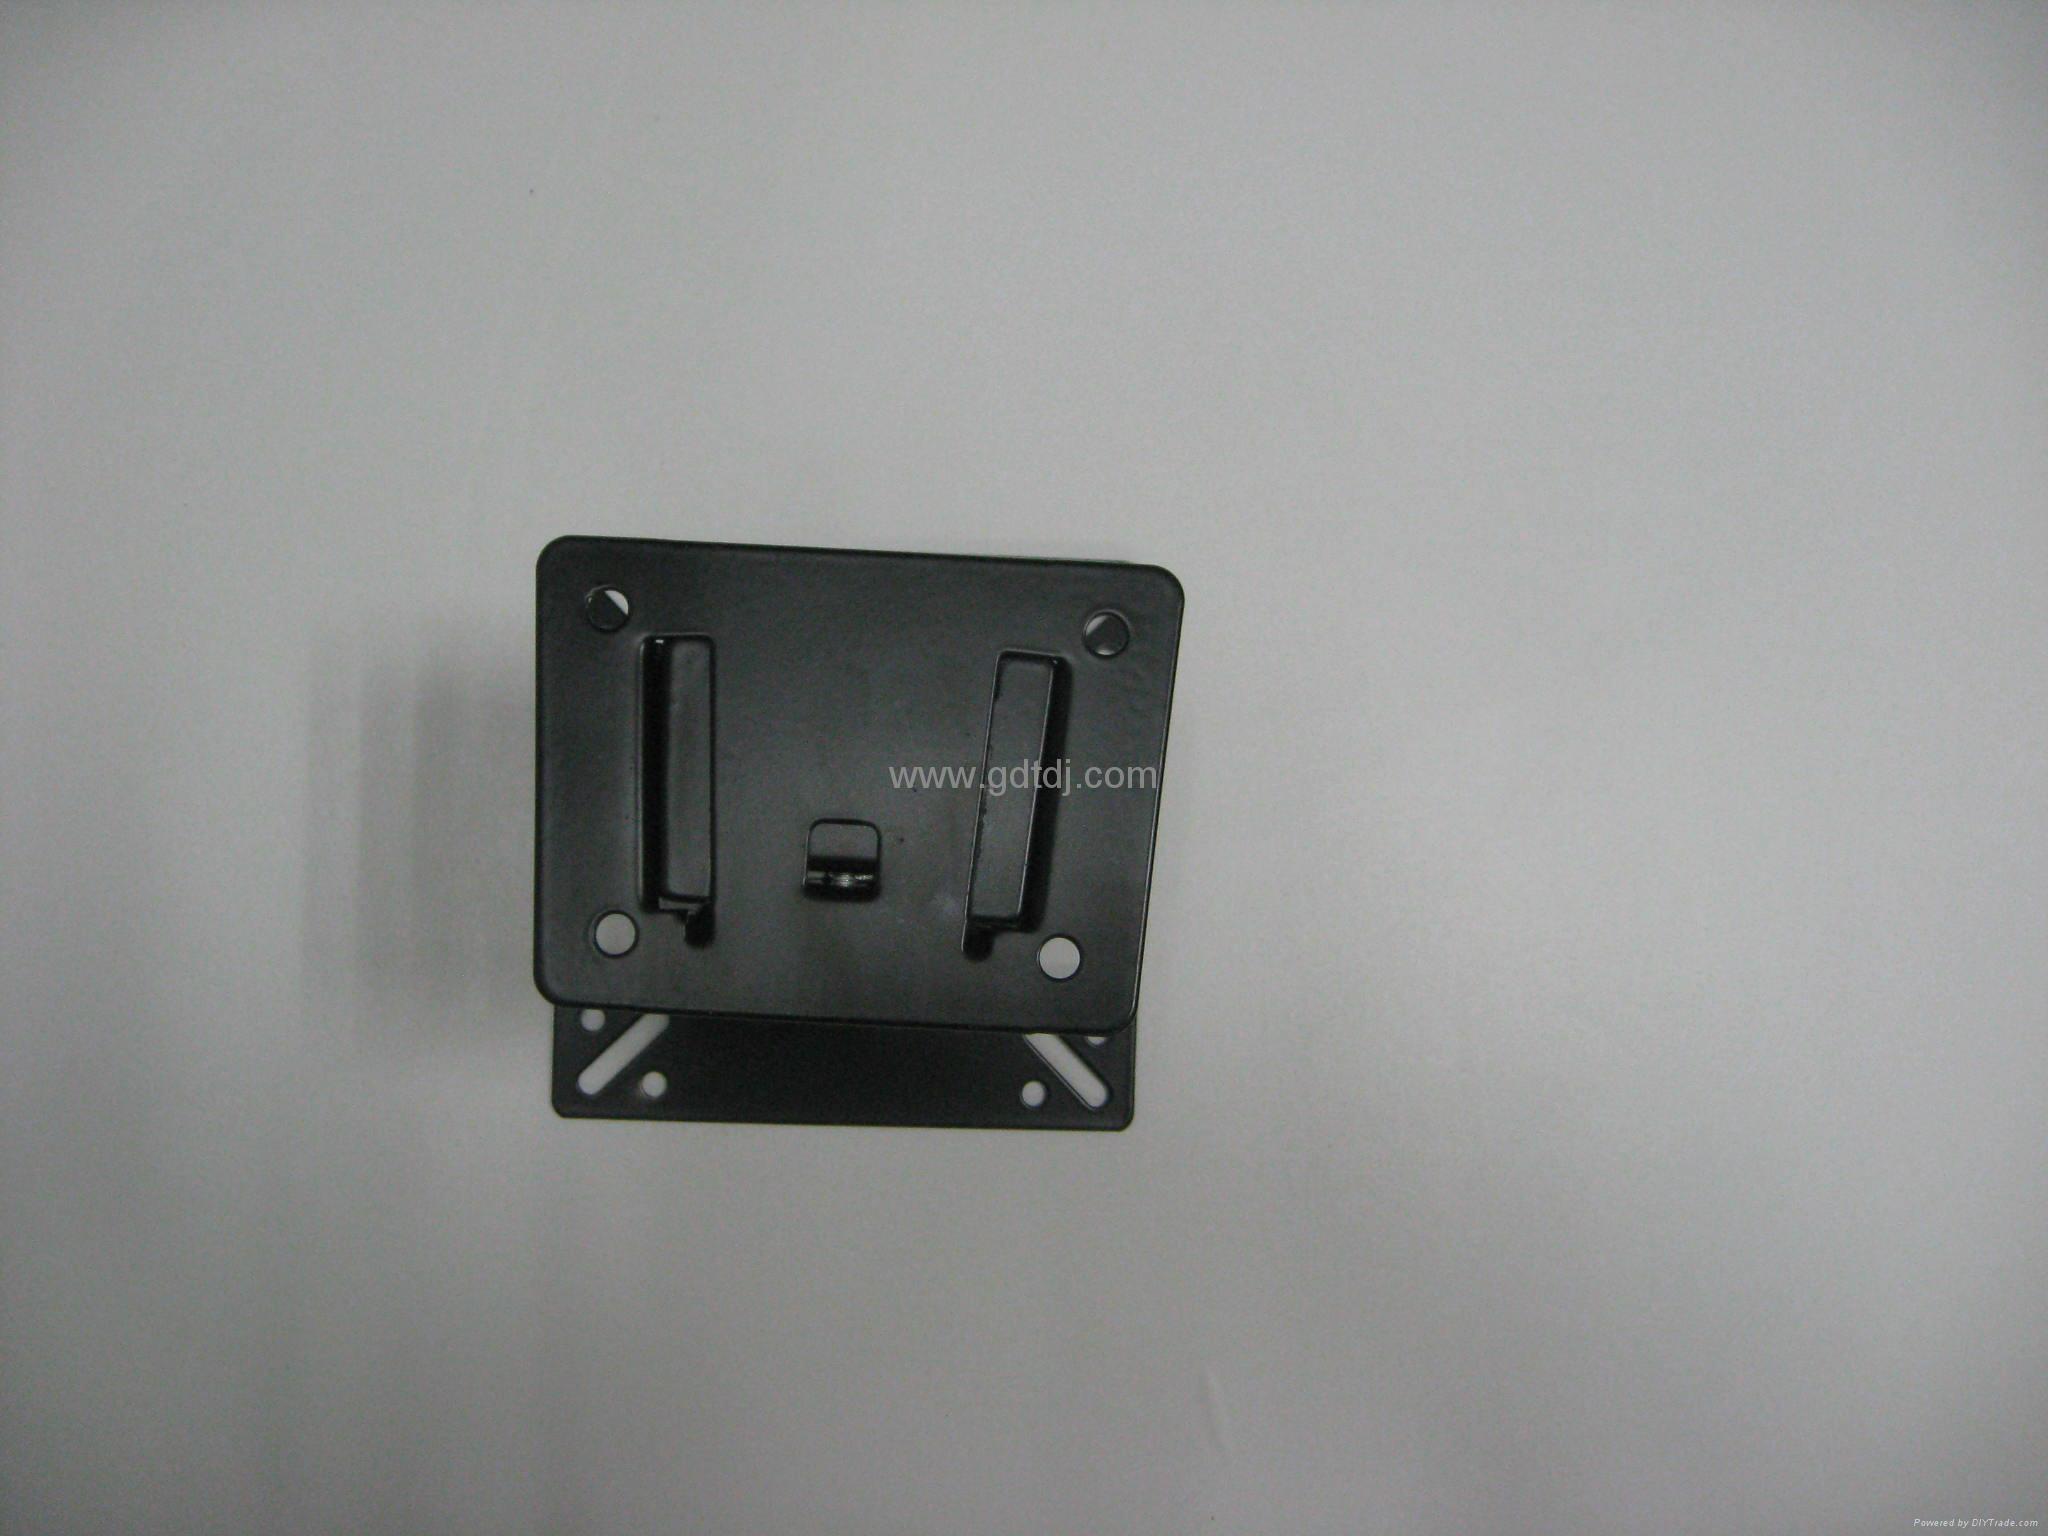 旋轉電腦壁挂架 顯示器支架 萬向調節電腦支架F-03 4